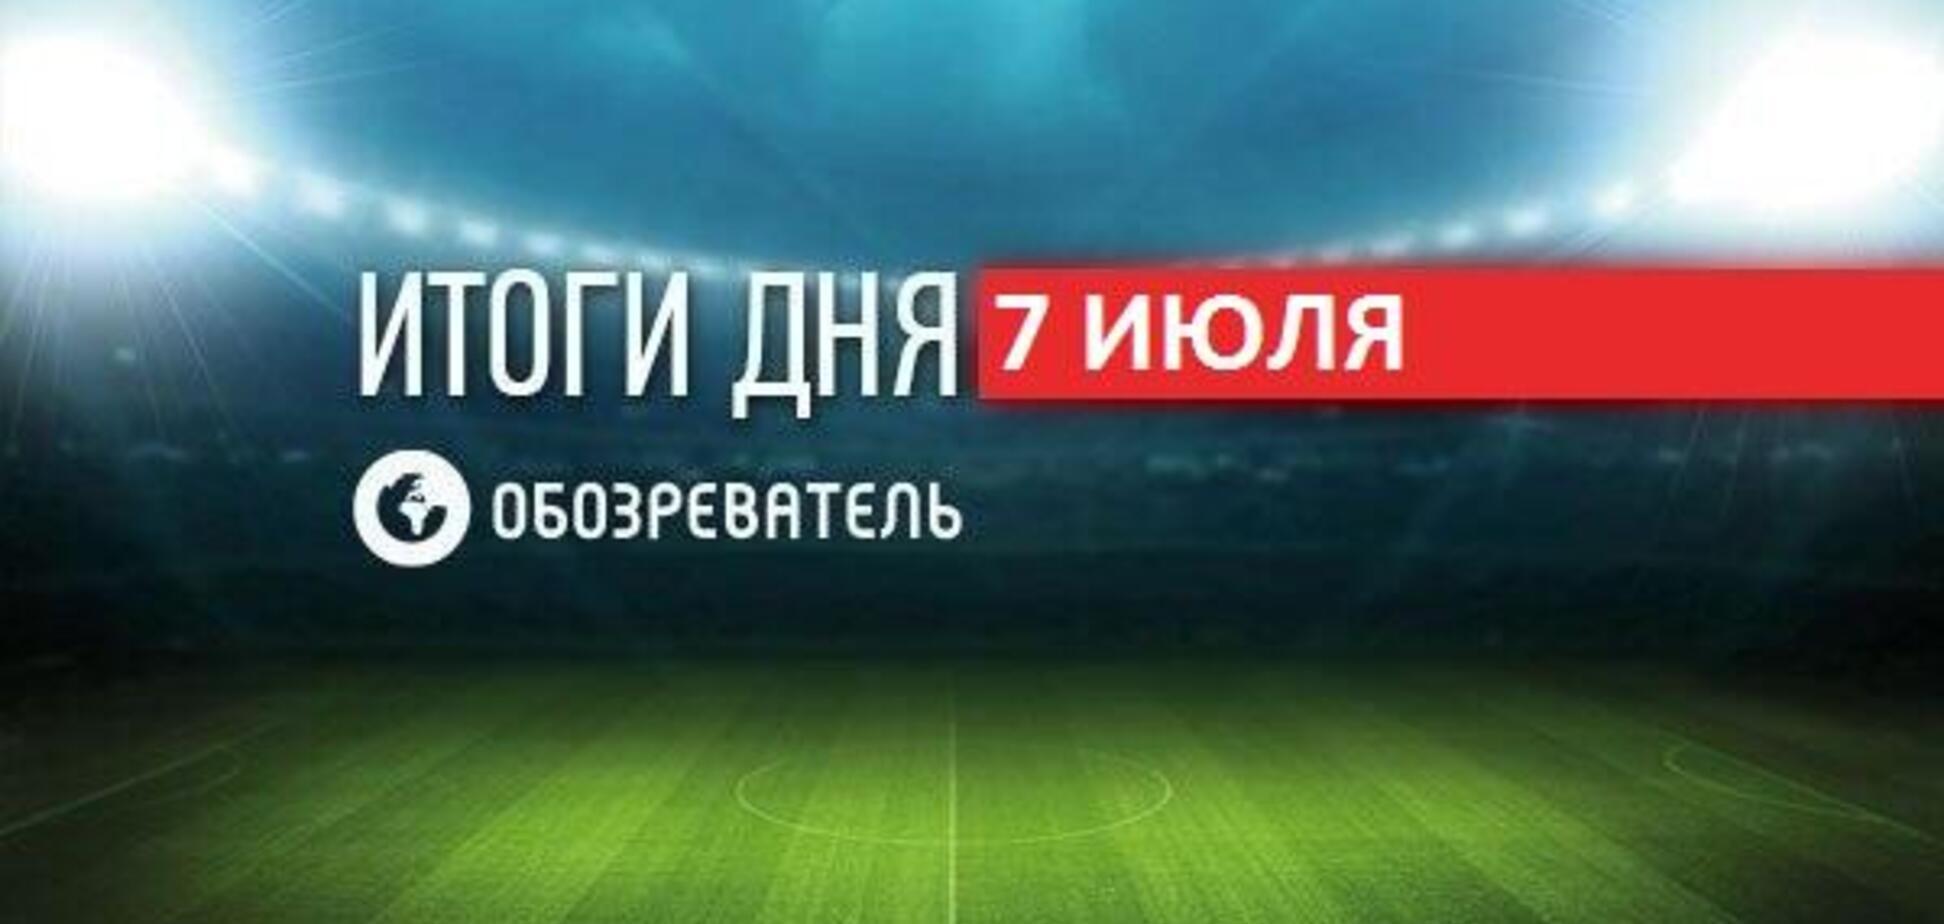 Виталий Кличко показал необычное фото с братом и сыном: спортивные итоги 7 июля